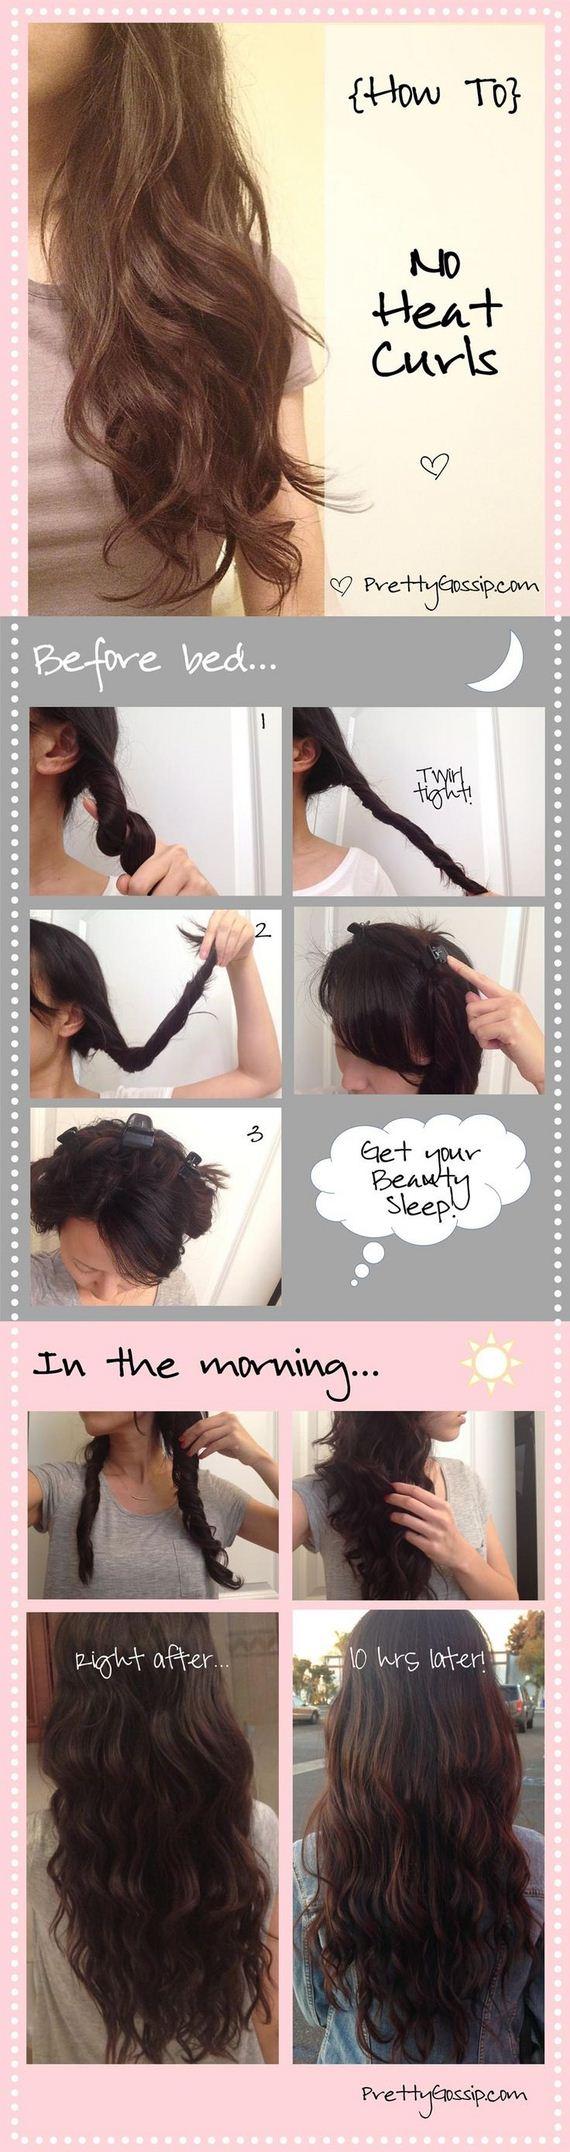 05-Heat-Curls